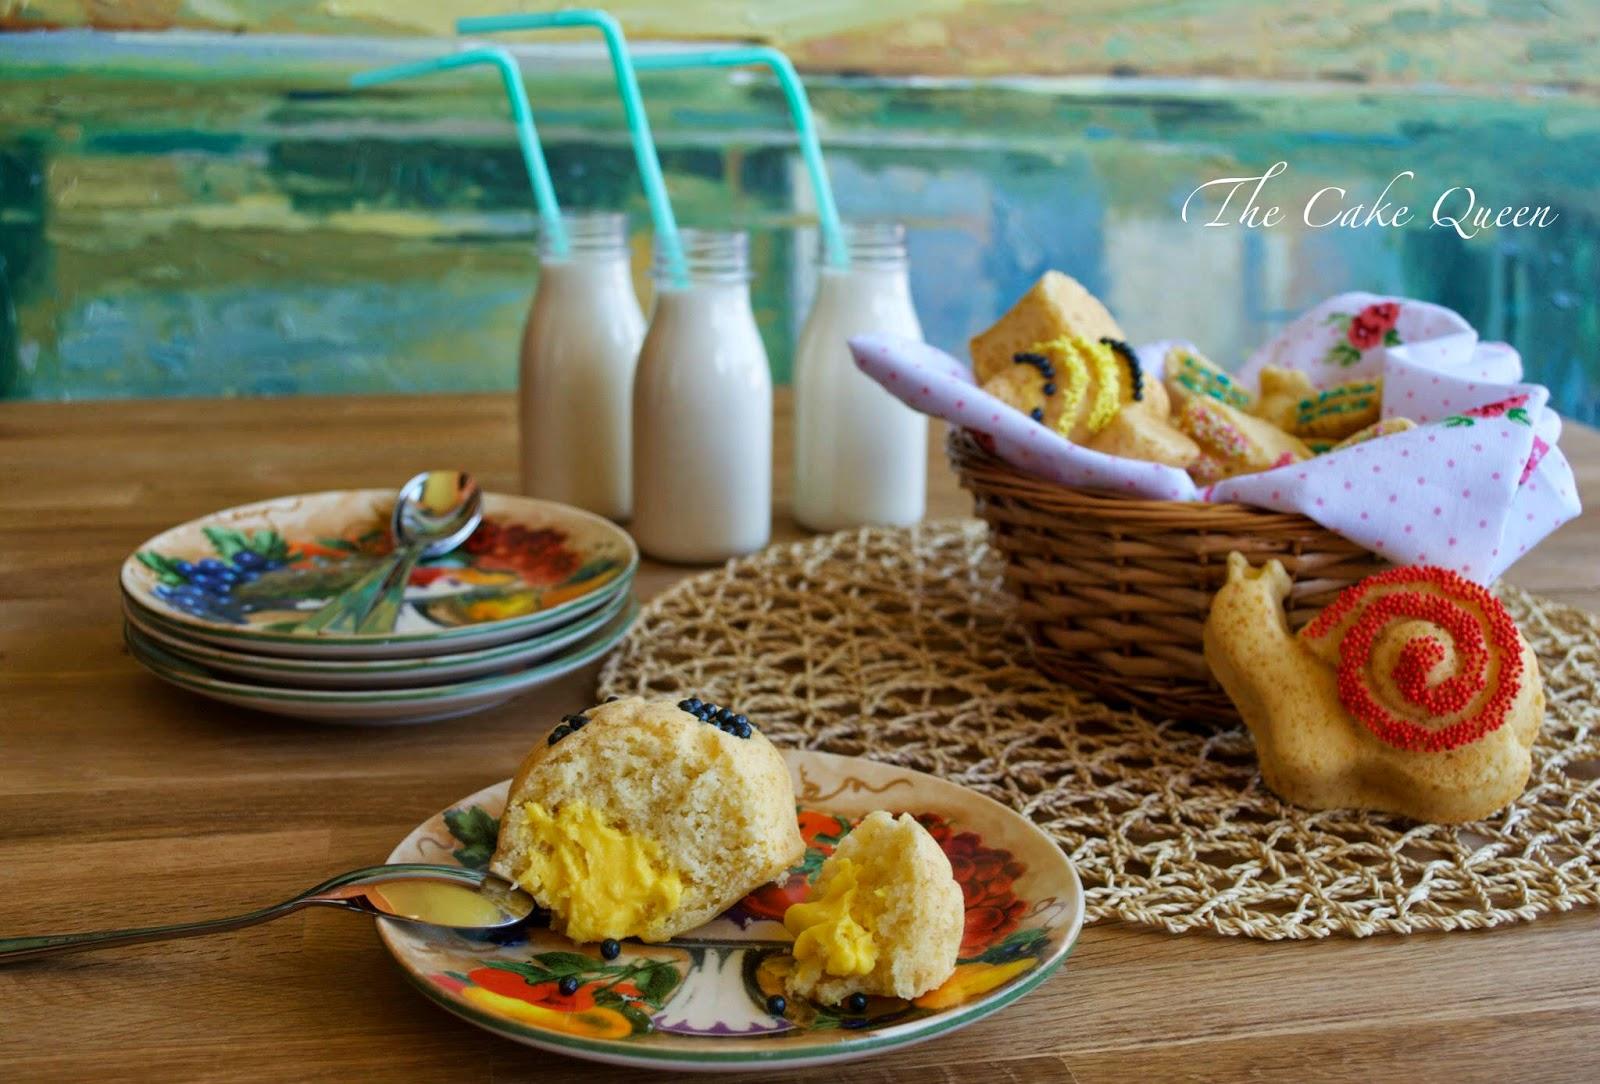 Mini garden cakes de limón y fruta de la pasión, muy esponjosos, la crema de maracujá en el centro le aporta un sabor exquisito a los mismos